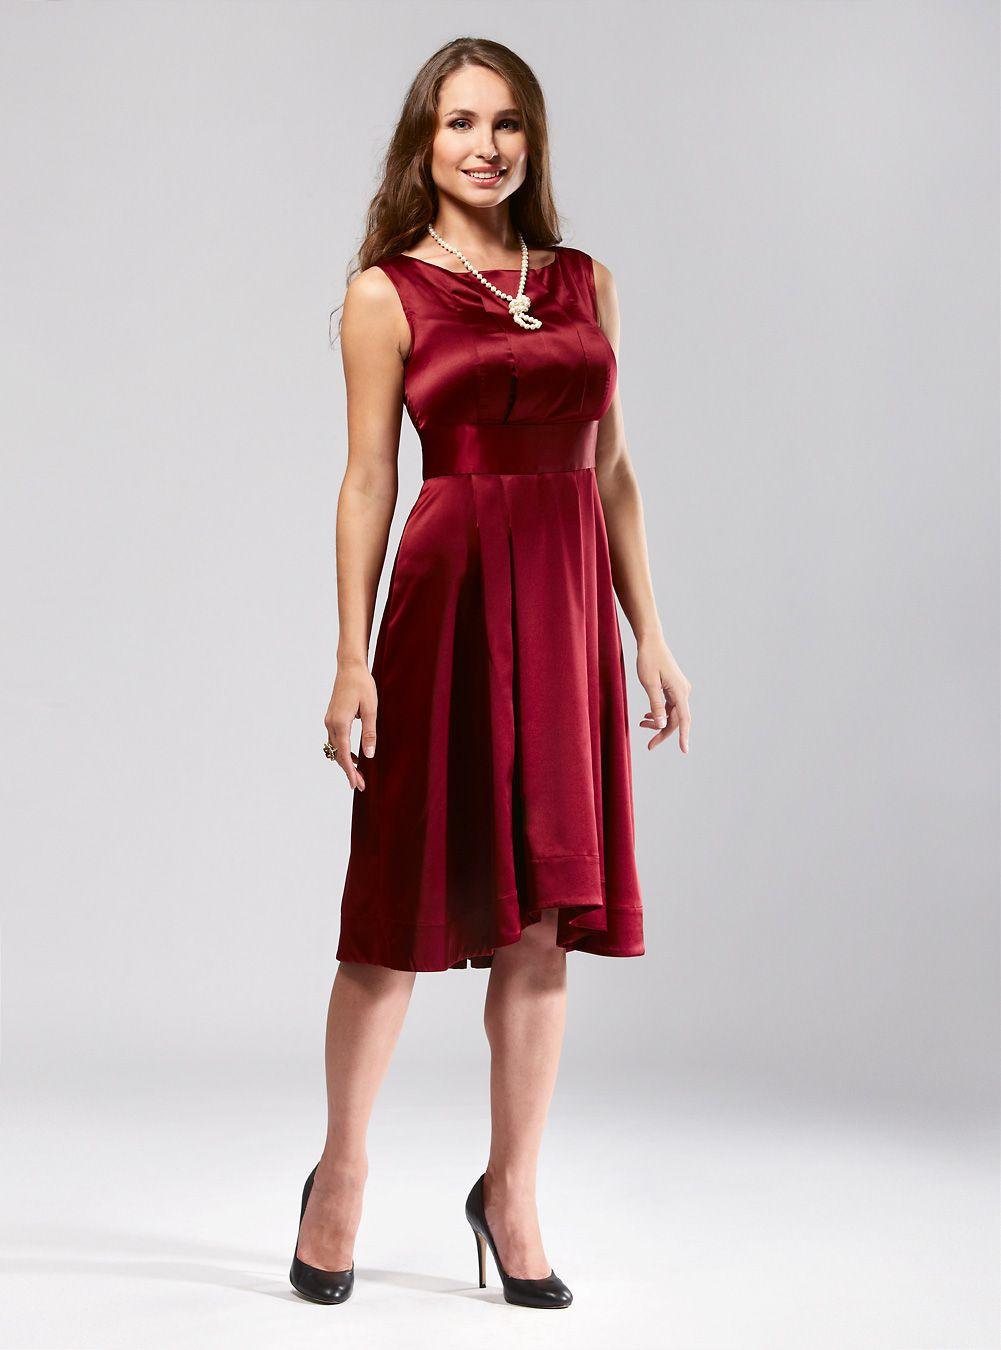 d27b9e6748e Wine coloured evening dress